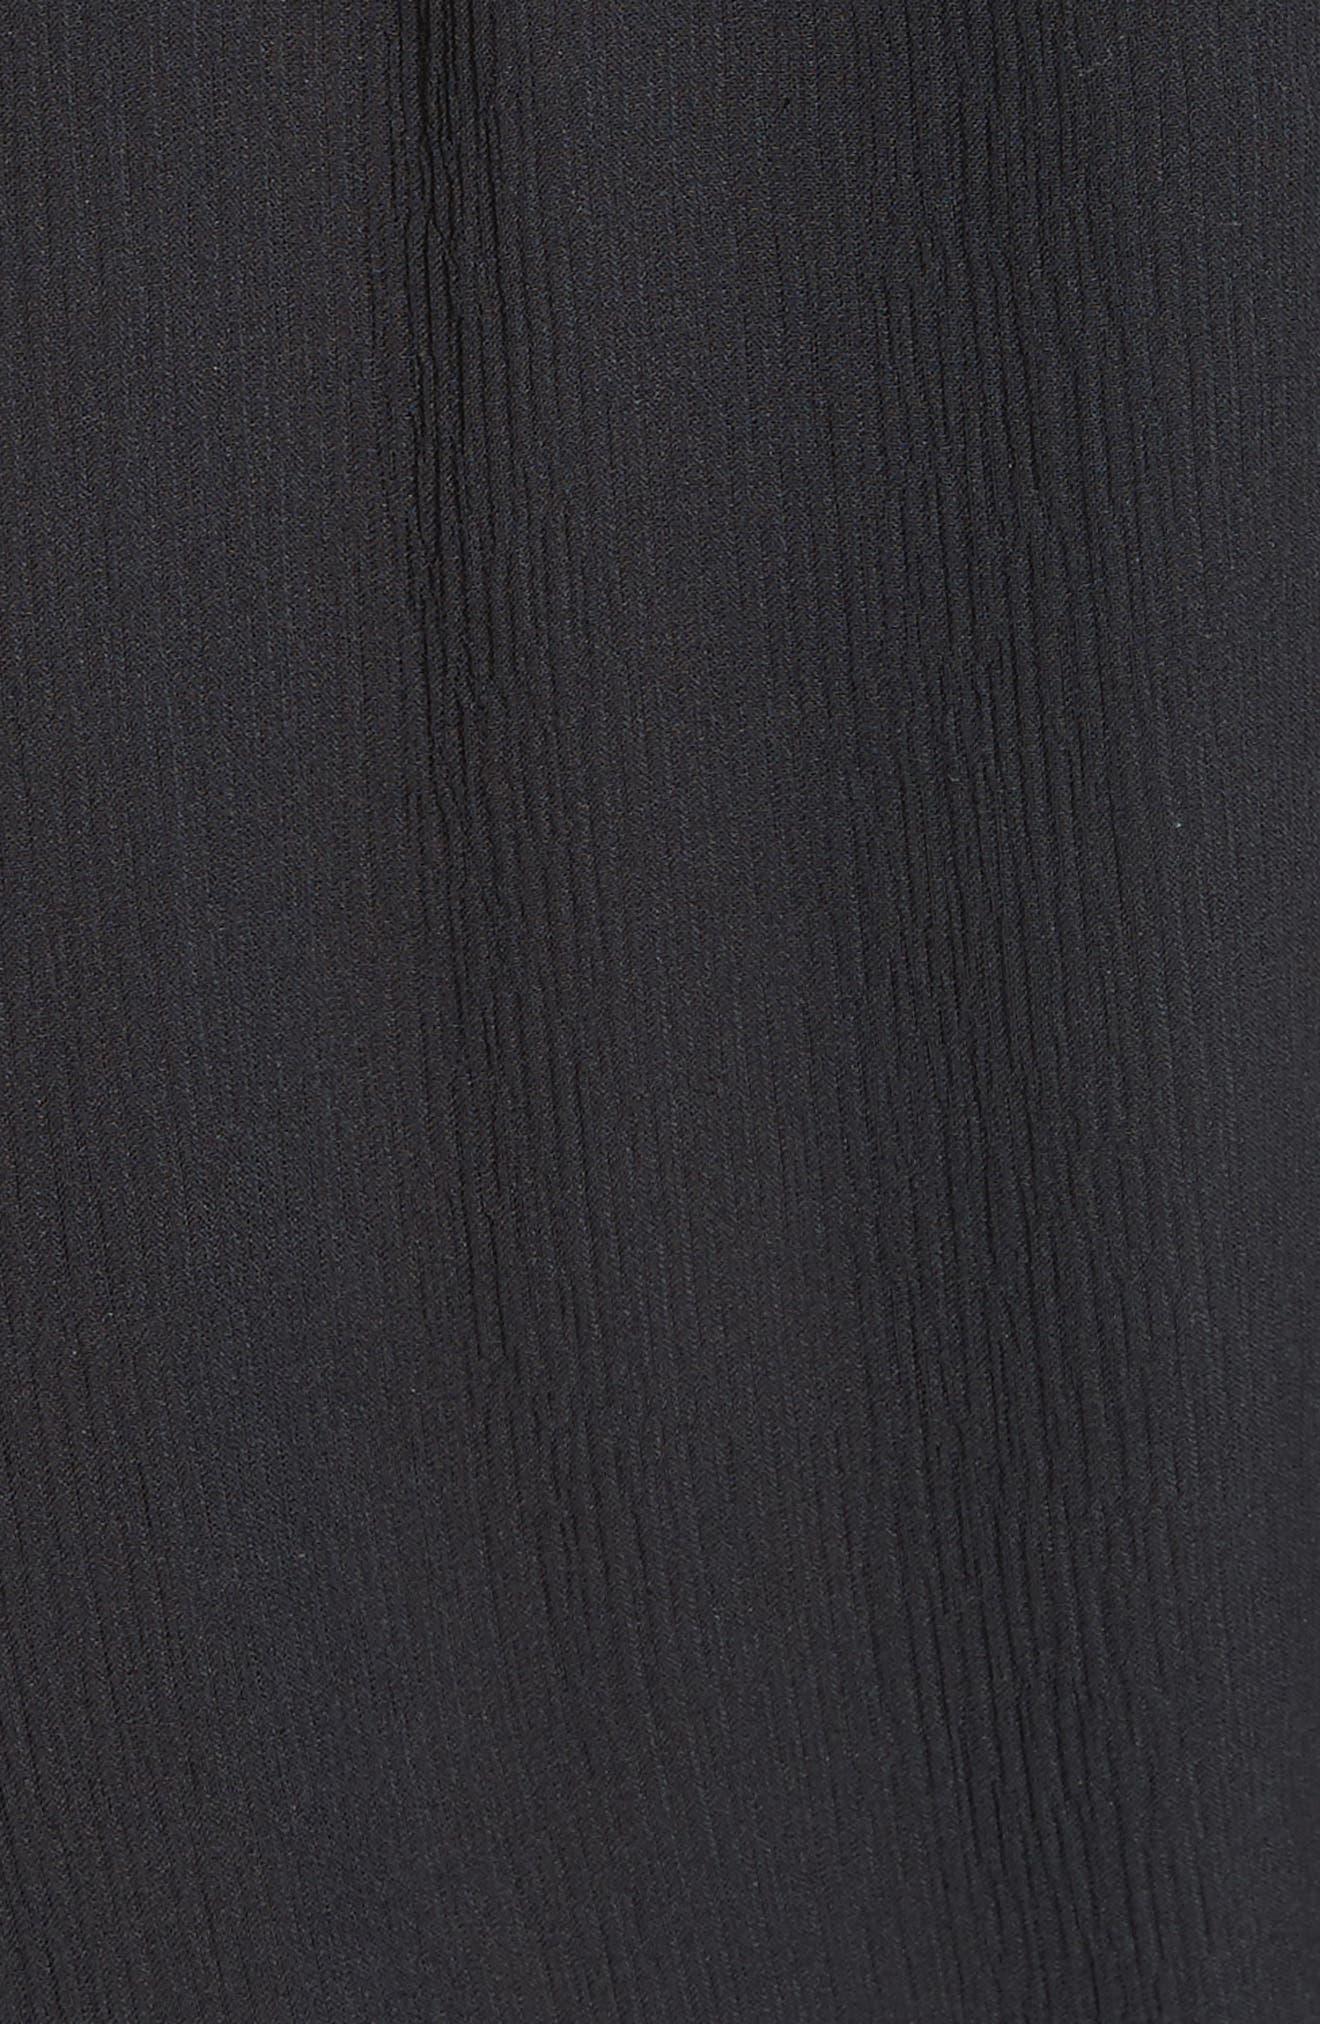 Geromine Blouson Silk Dress,                             Alternate thumbnail 5, color,                             003